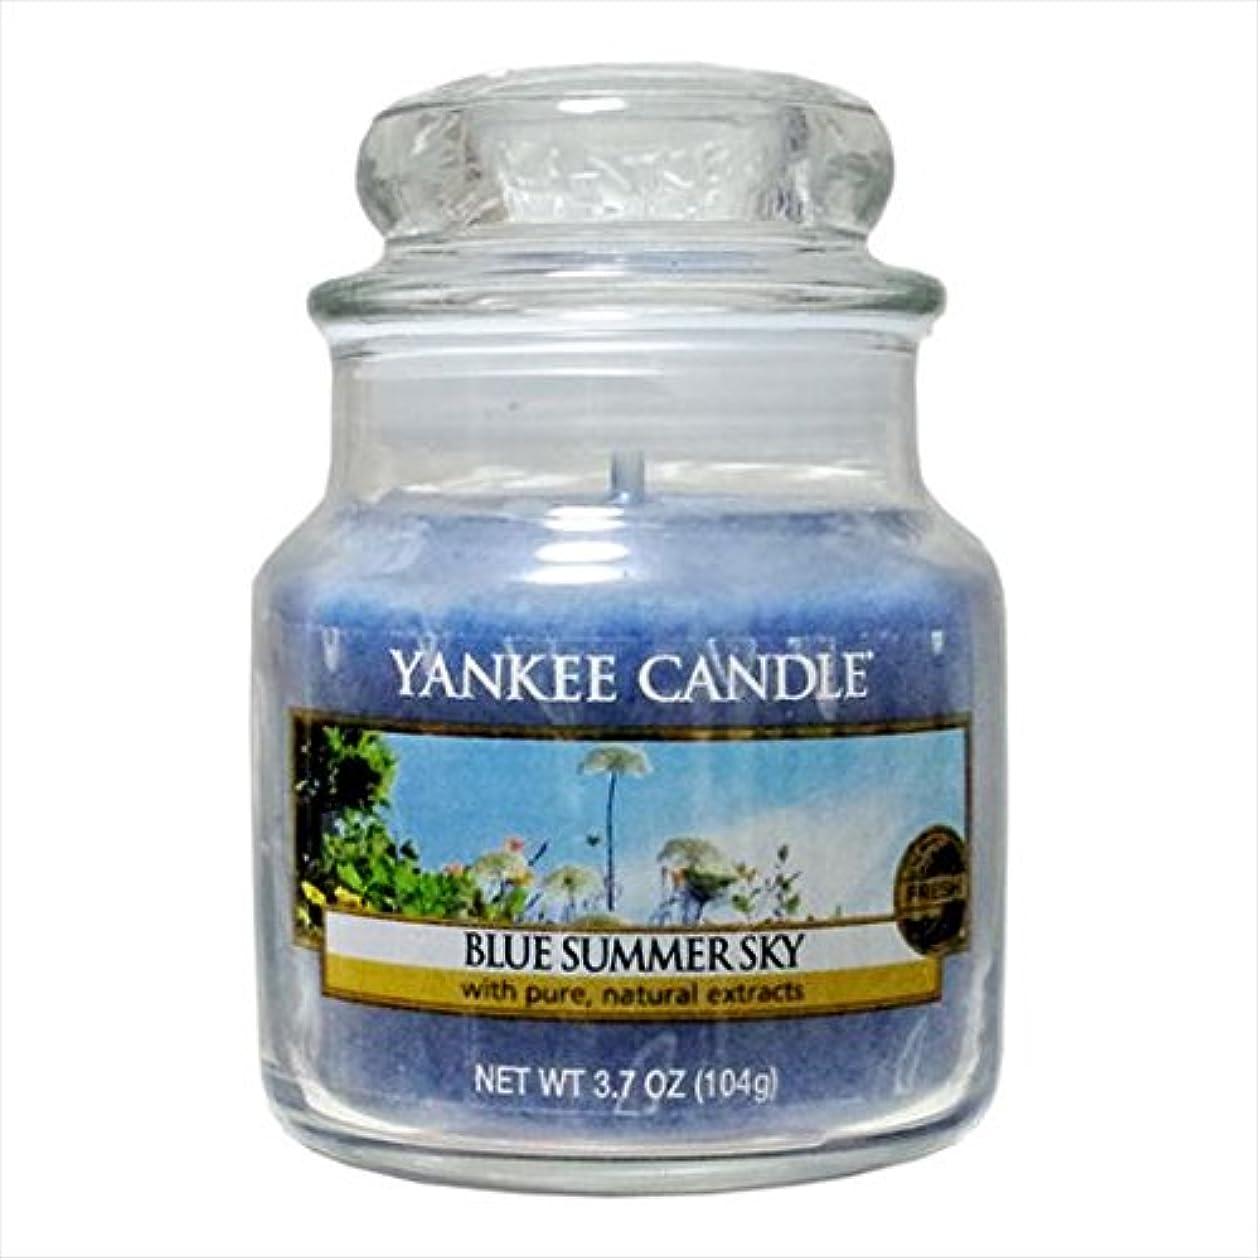 ヤンキーキャンドル(YANKEE CANDLE) YANKEE CANDLEジャーS 「 ブルーサマースカイ 」